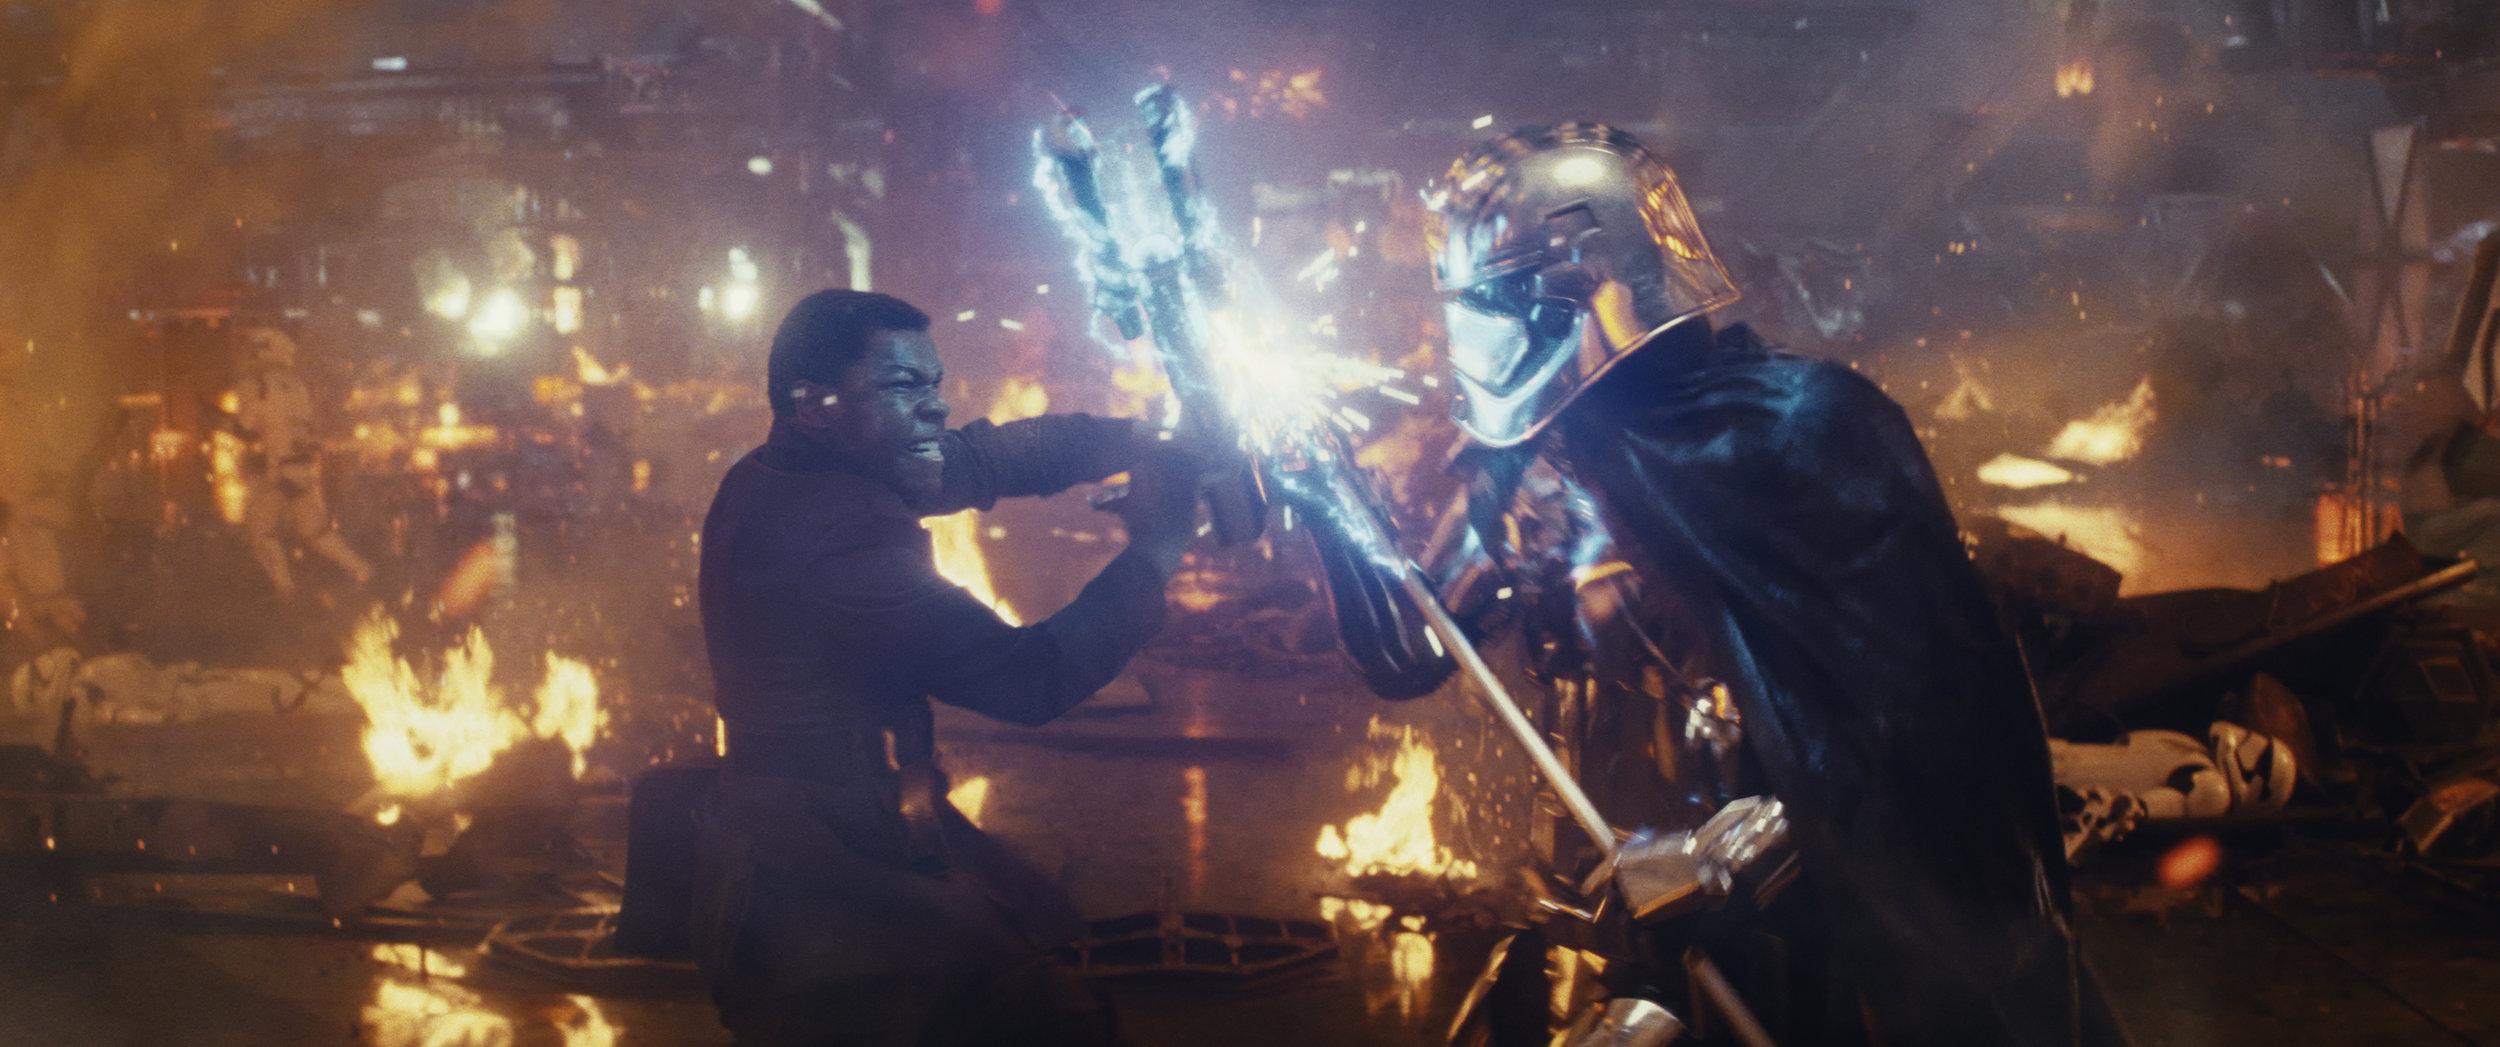 star-wars-the-last-jedi.jpeg